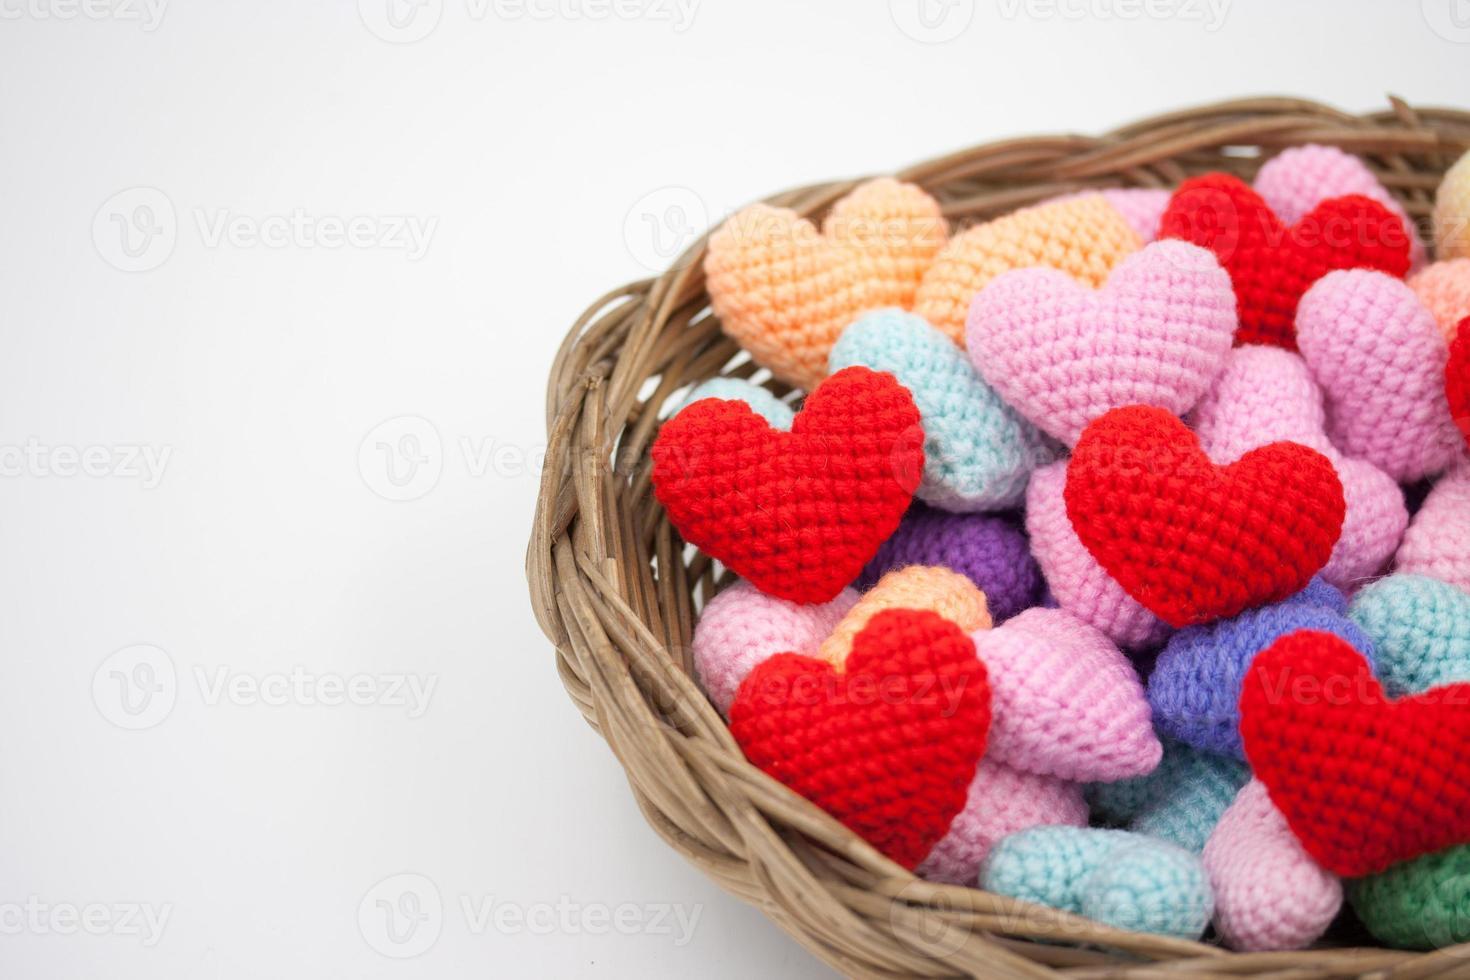 corazones de hilo en la canasta. foto